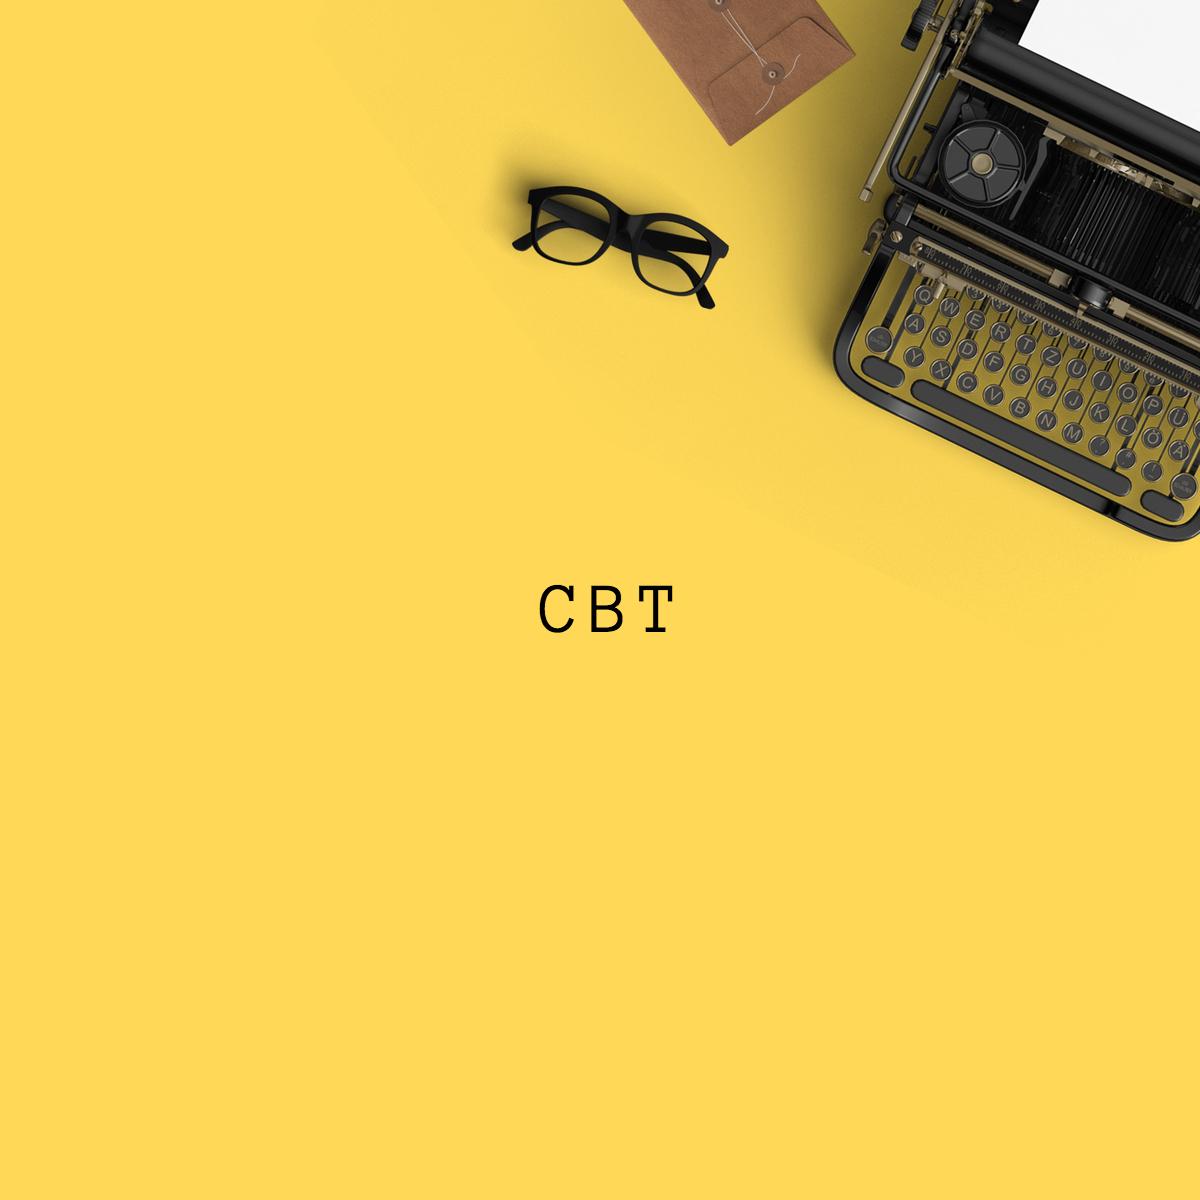 הגדרות ומושגים ב-cbt